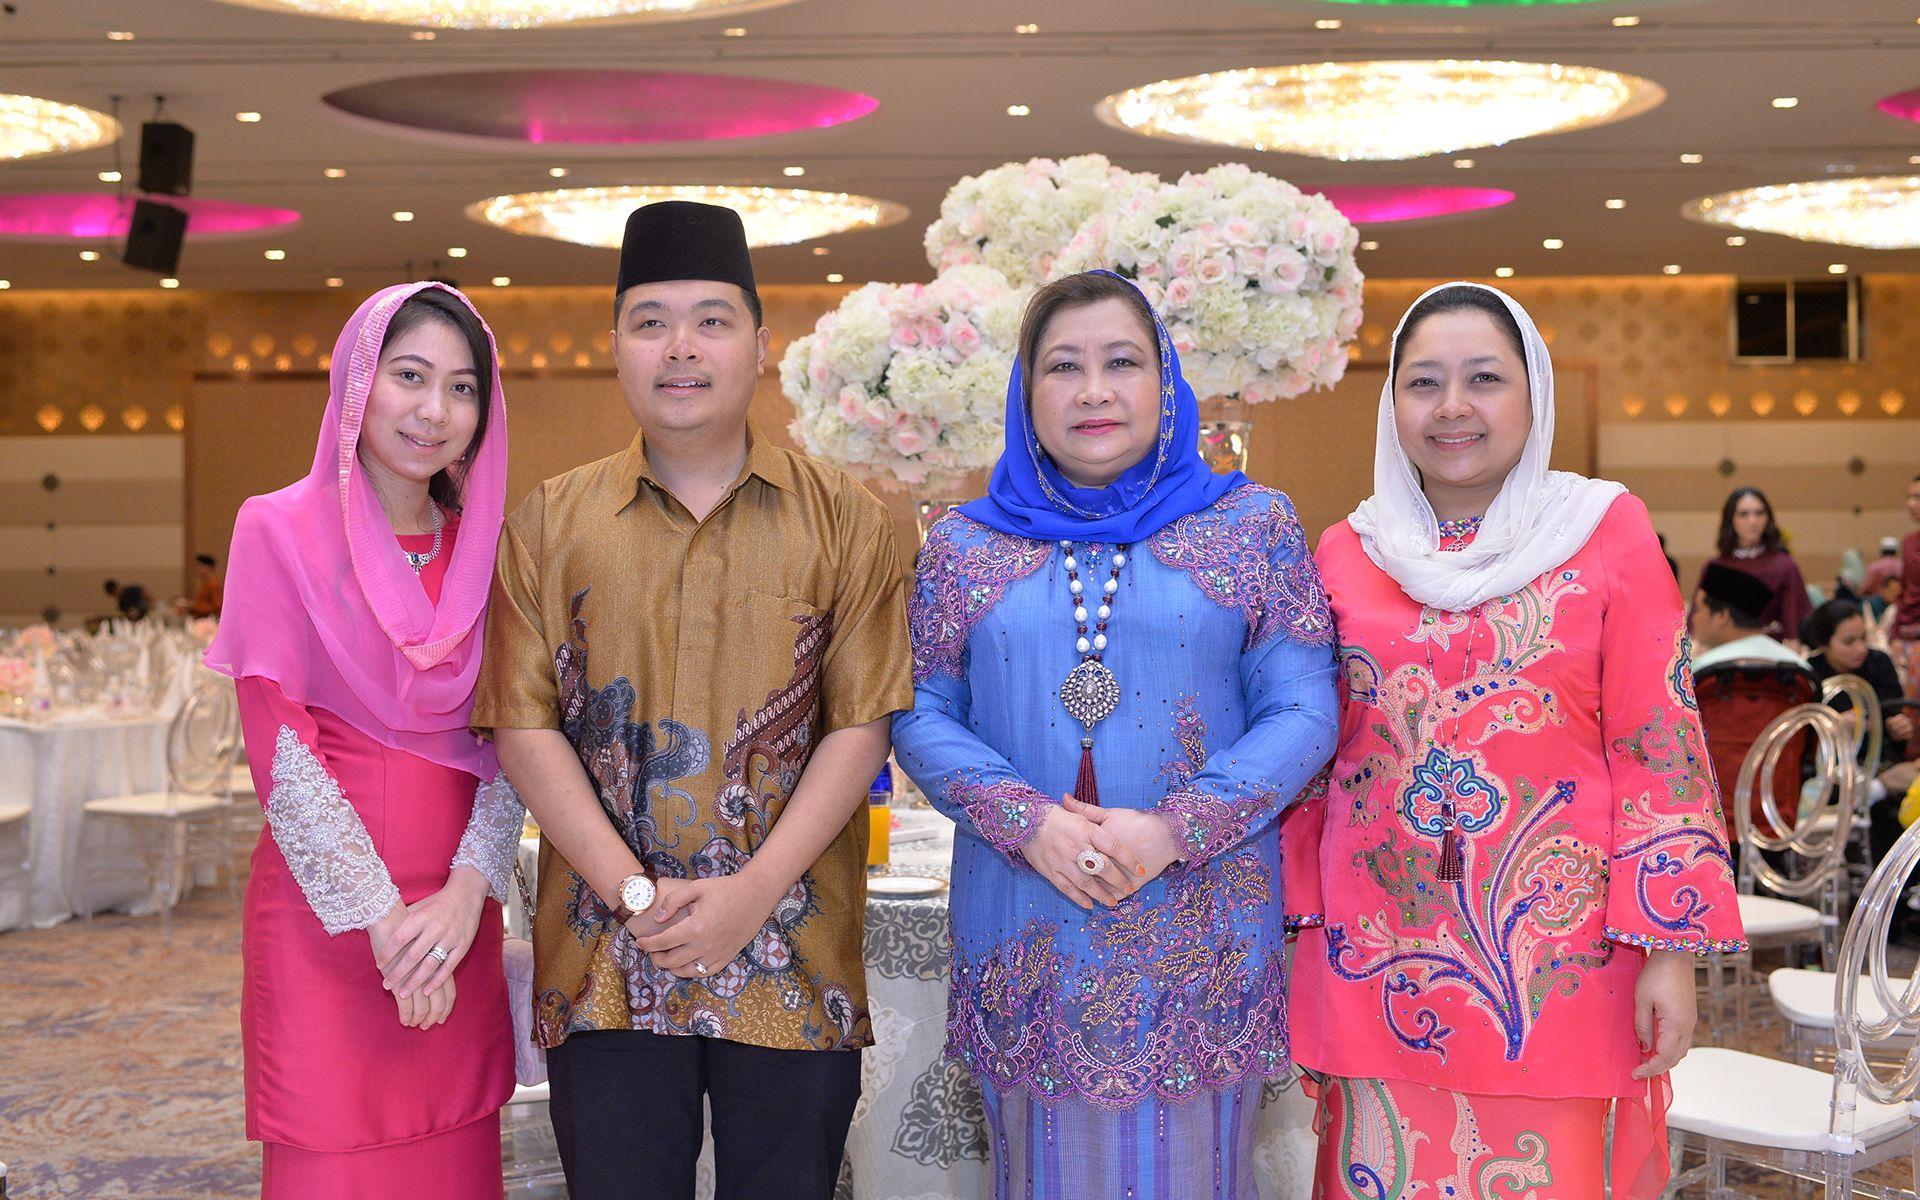 Tengku Datin Indera Mai Nurliyana, Tengku Dato' Indera Aidy Ahmad Shah, Tengku Puteri Seri Lela Wangsa Pahang and Tengku Dato 'Indera Madina Kamilia